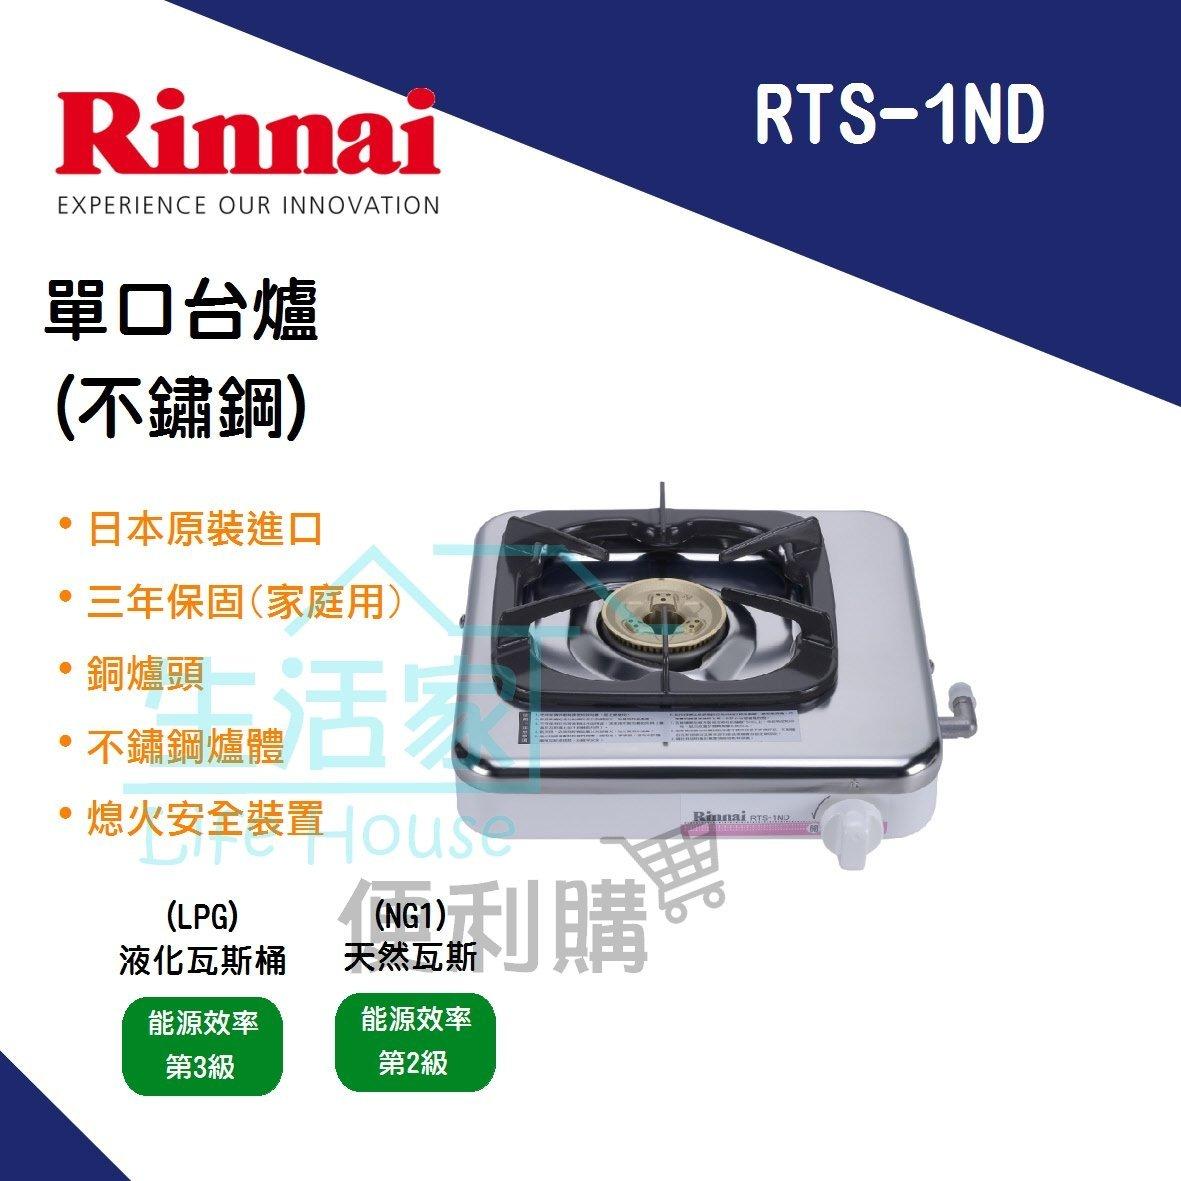 【 家便利購】《附發票》林內牌 RTS-1ND 單口台爐 (不鏽鋼) 瓦斯爐 銅合金爐頭